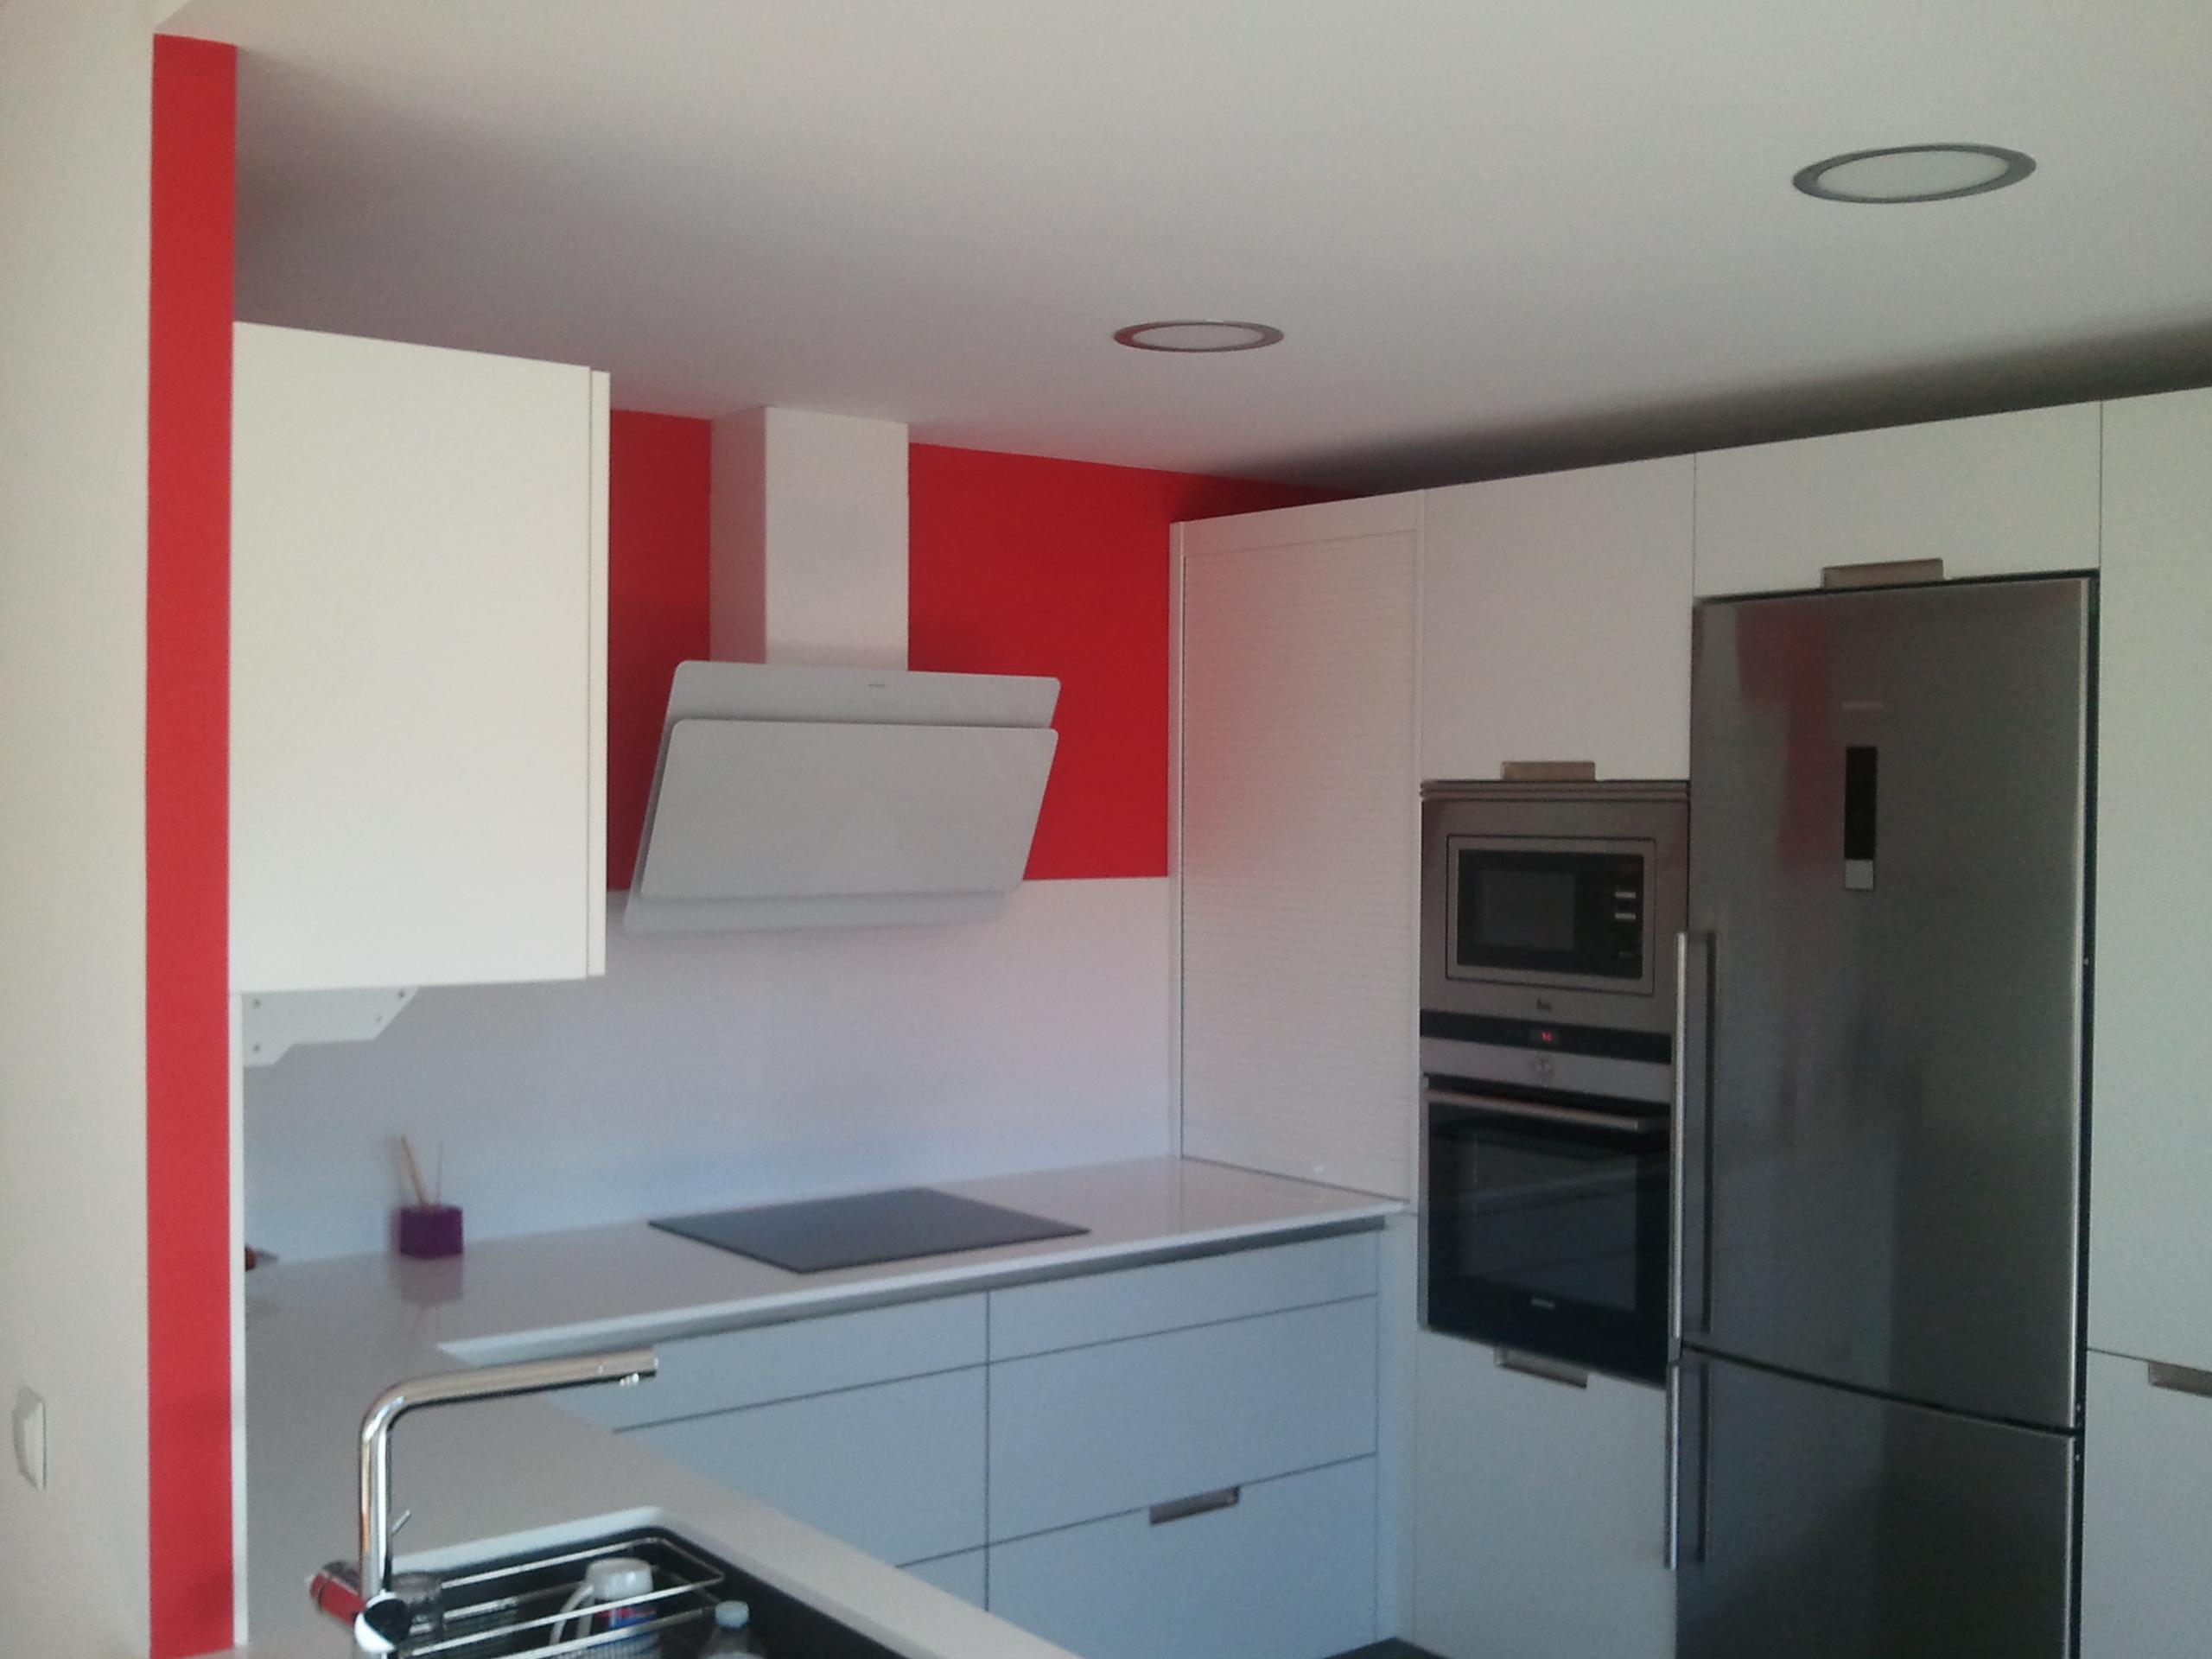 Pintura Plastica Color Blanco y Rojo  PINTORES EN MADRID